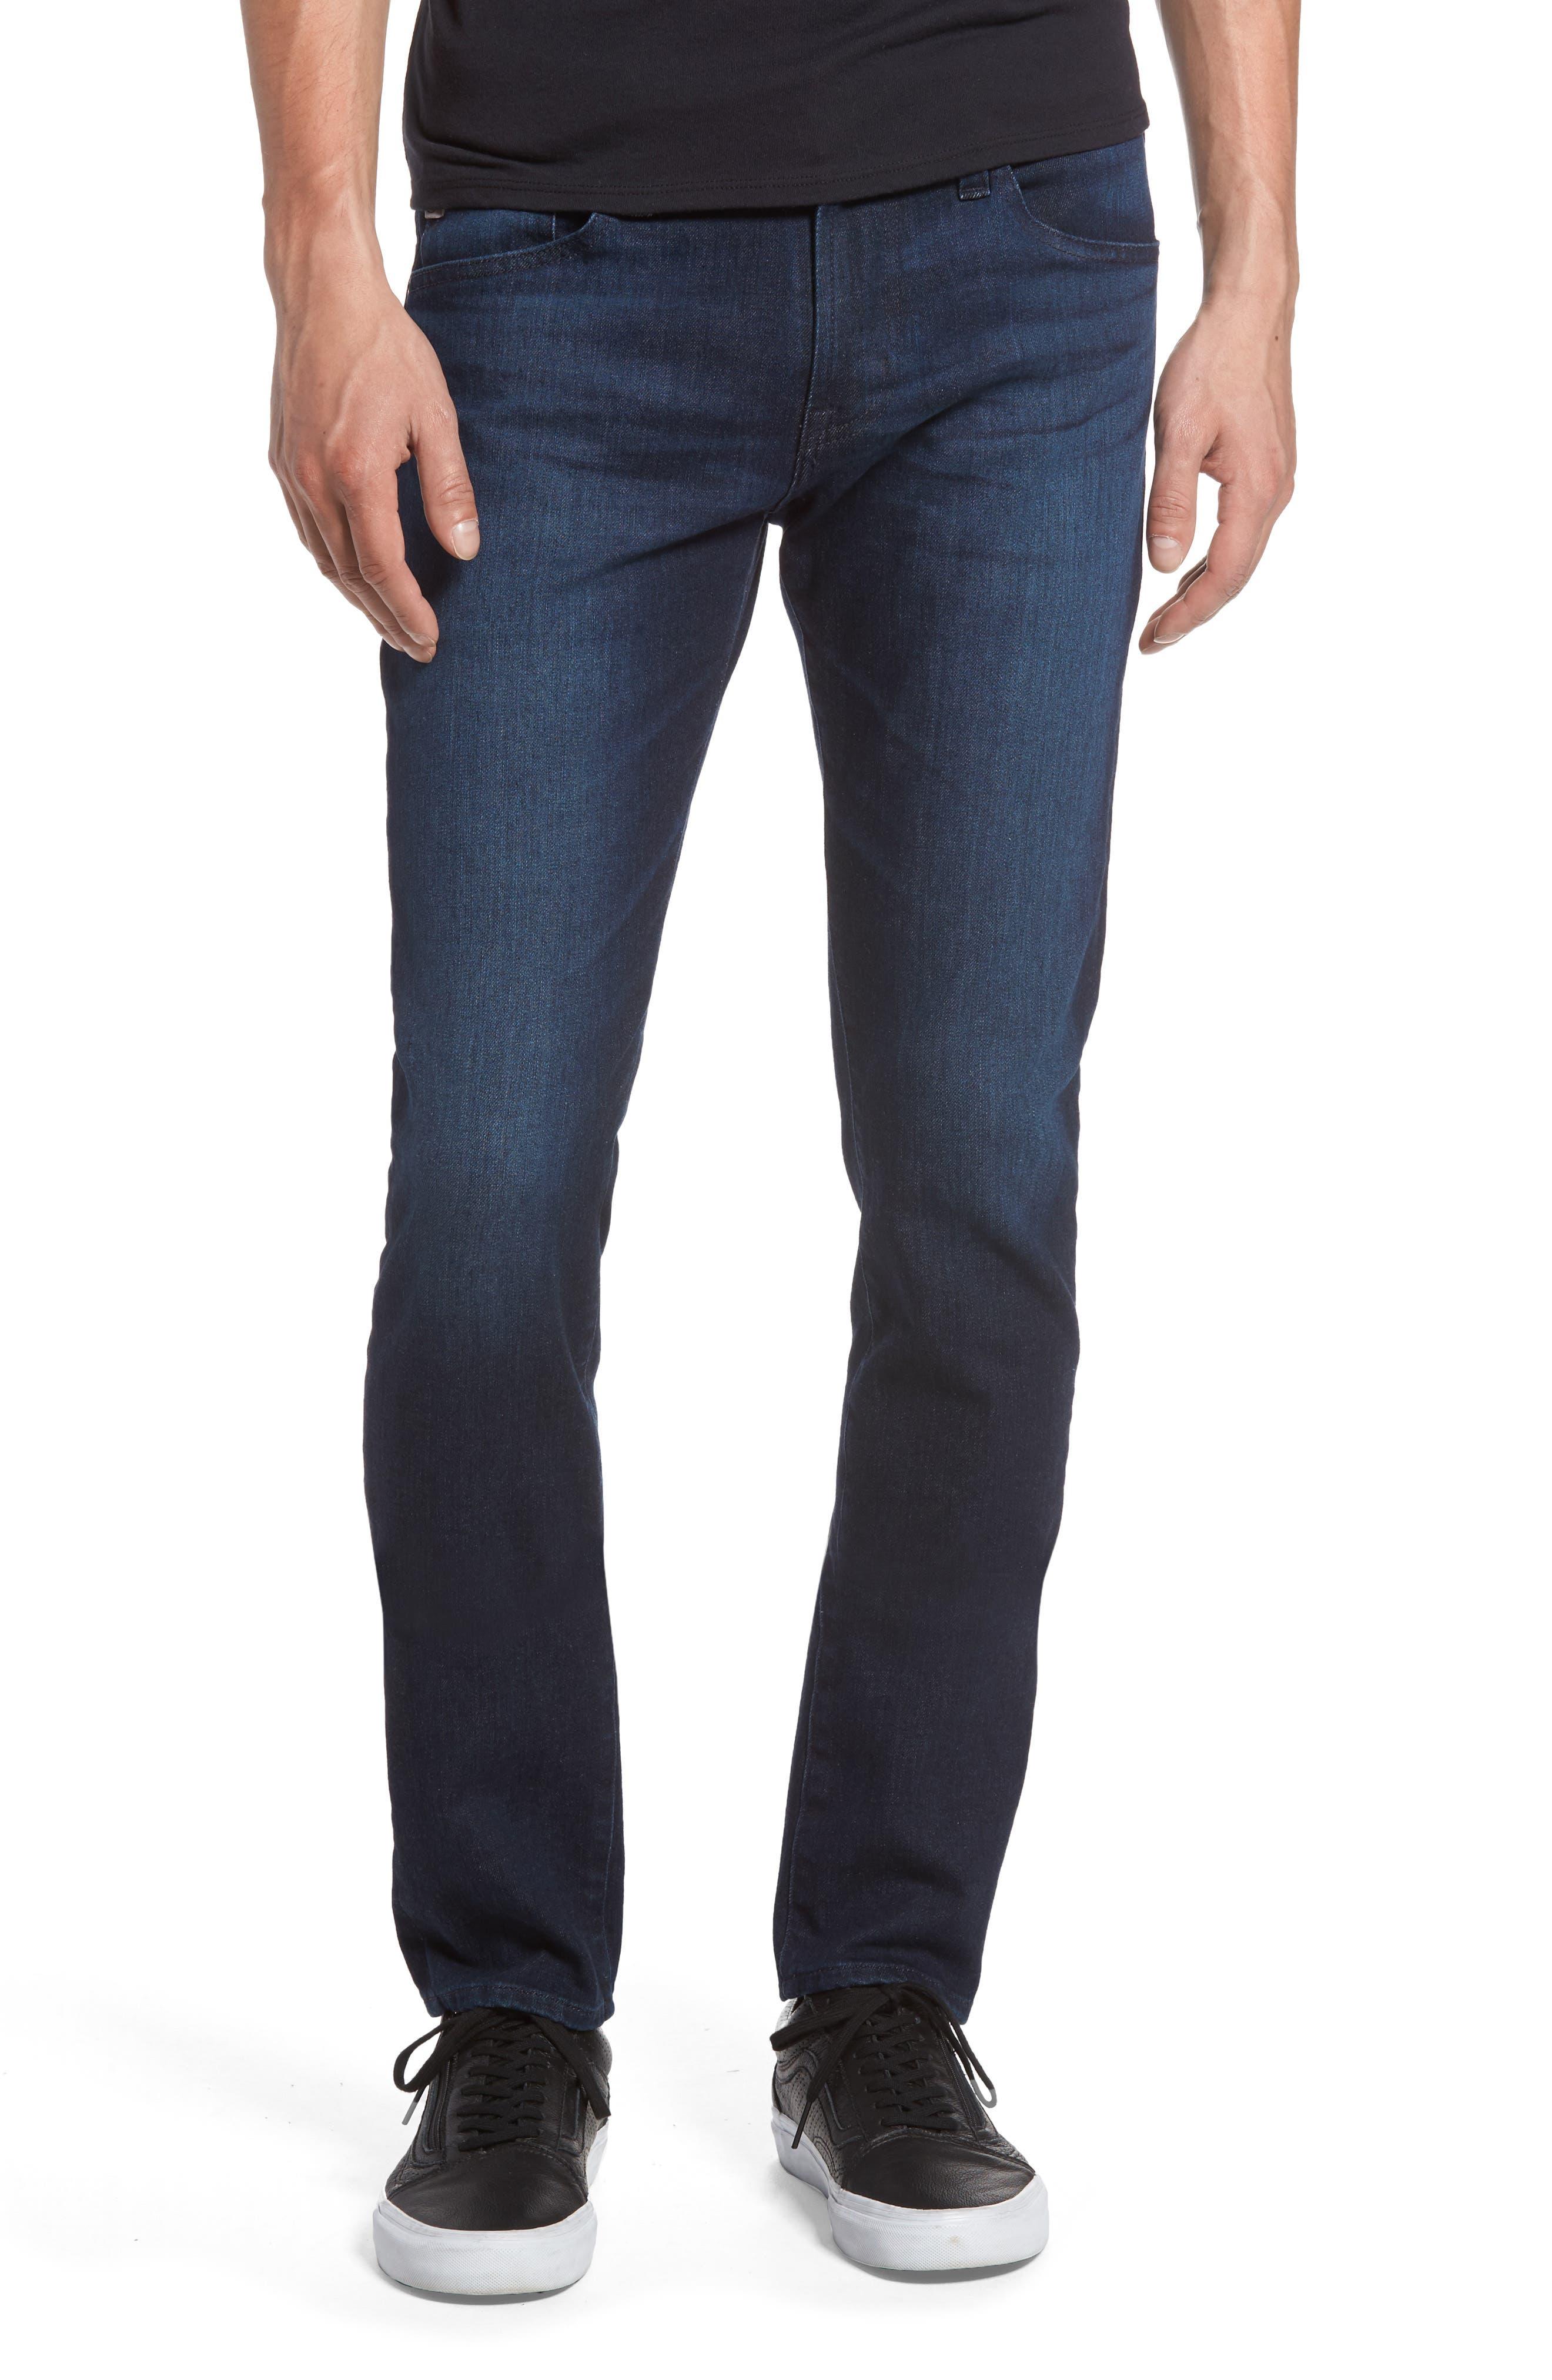 Stockton Skinny Fit Jeans,                             Main thumbnail 1, color,                             482